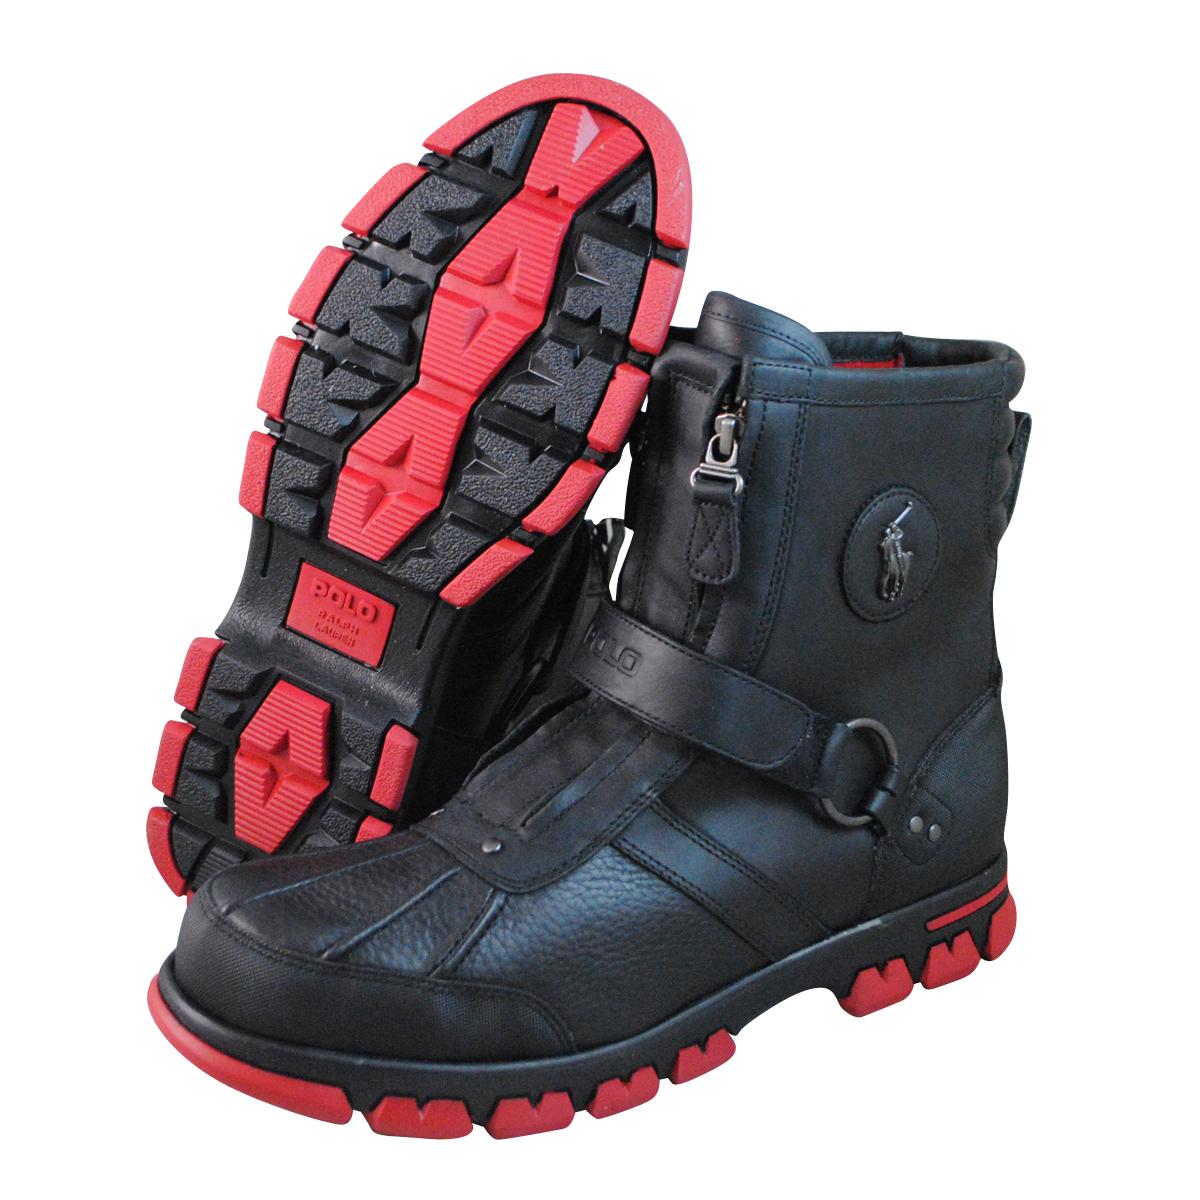 polo mens conquest hi iii c black boots 8121903480ta ebay